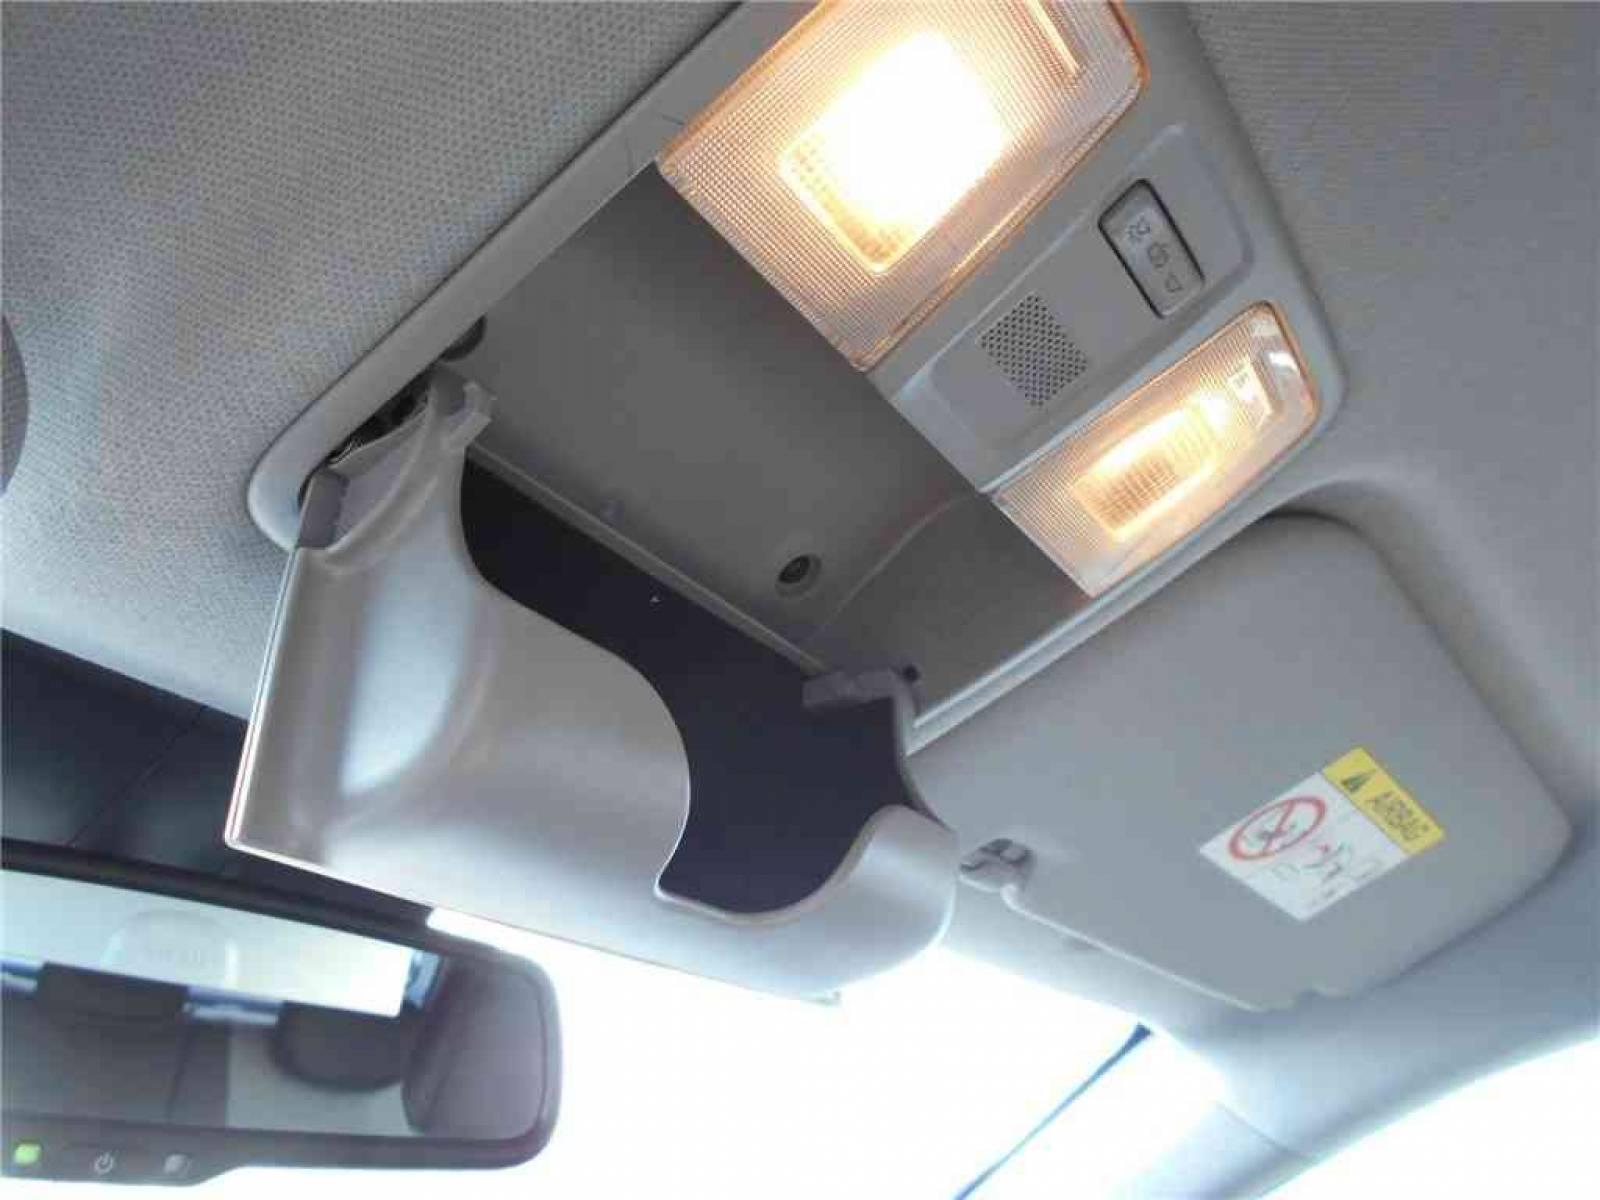 HYUNDAI i20 Active 1.0 T-GDi 100 - véhicule d'occasion - Groupe Guillet - Chalon Automobiles - 71100 - Chalon-sur-Saône - 25